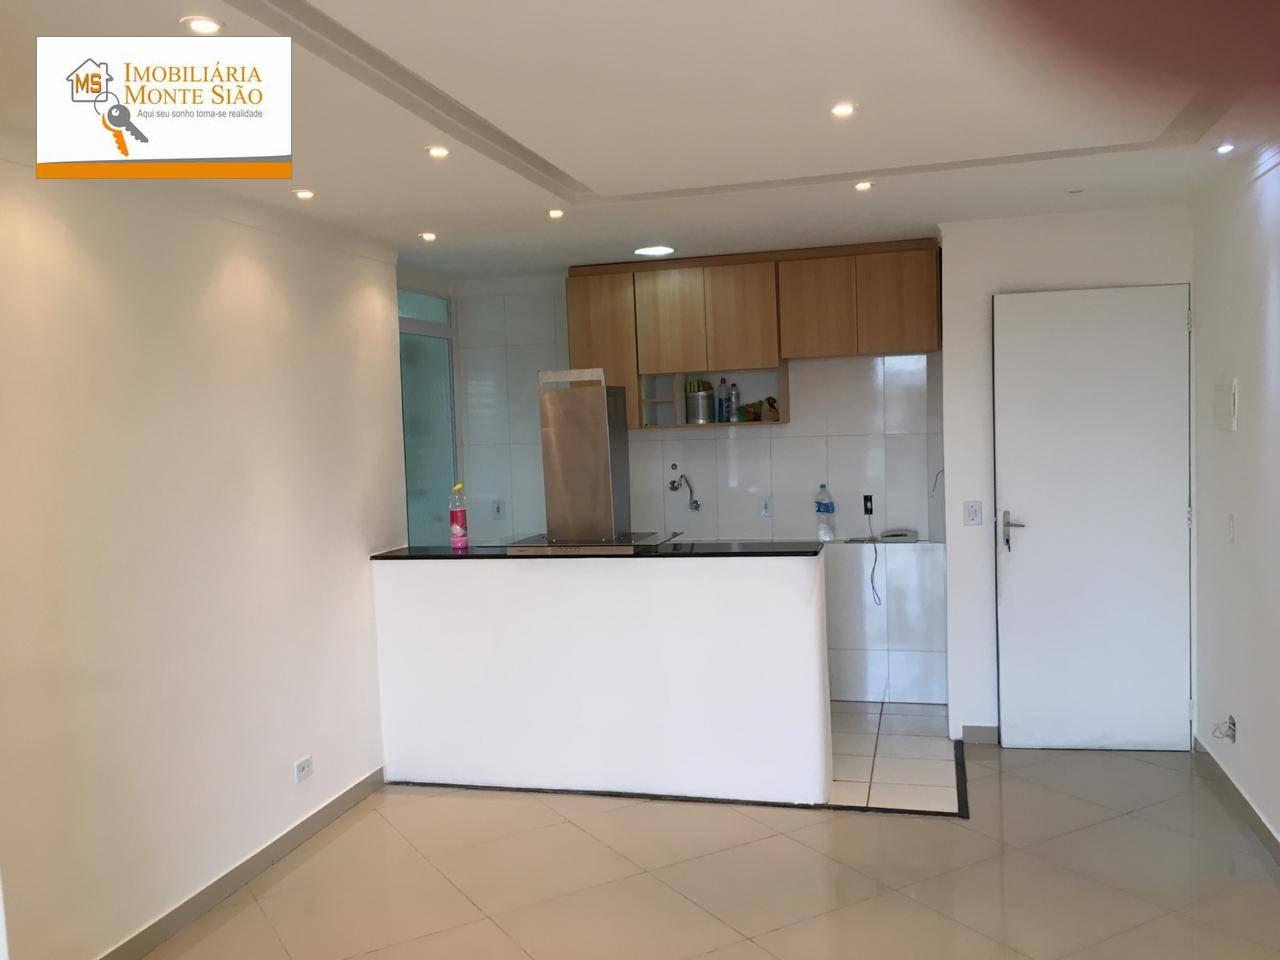 Apartamento com 3 dormitórios, 67 m² - Jardim dos Pimentas - Guarulhos/SP